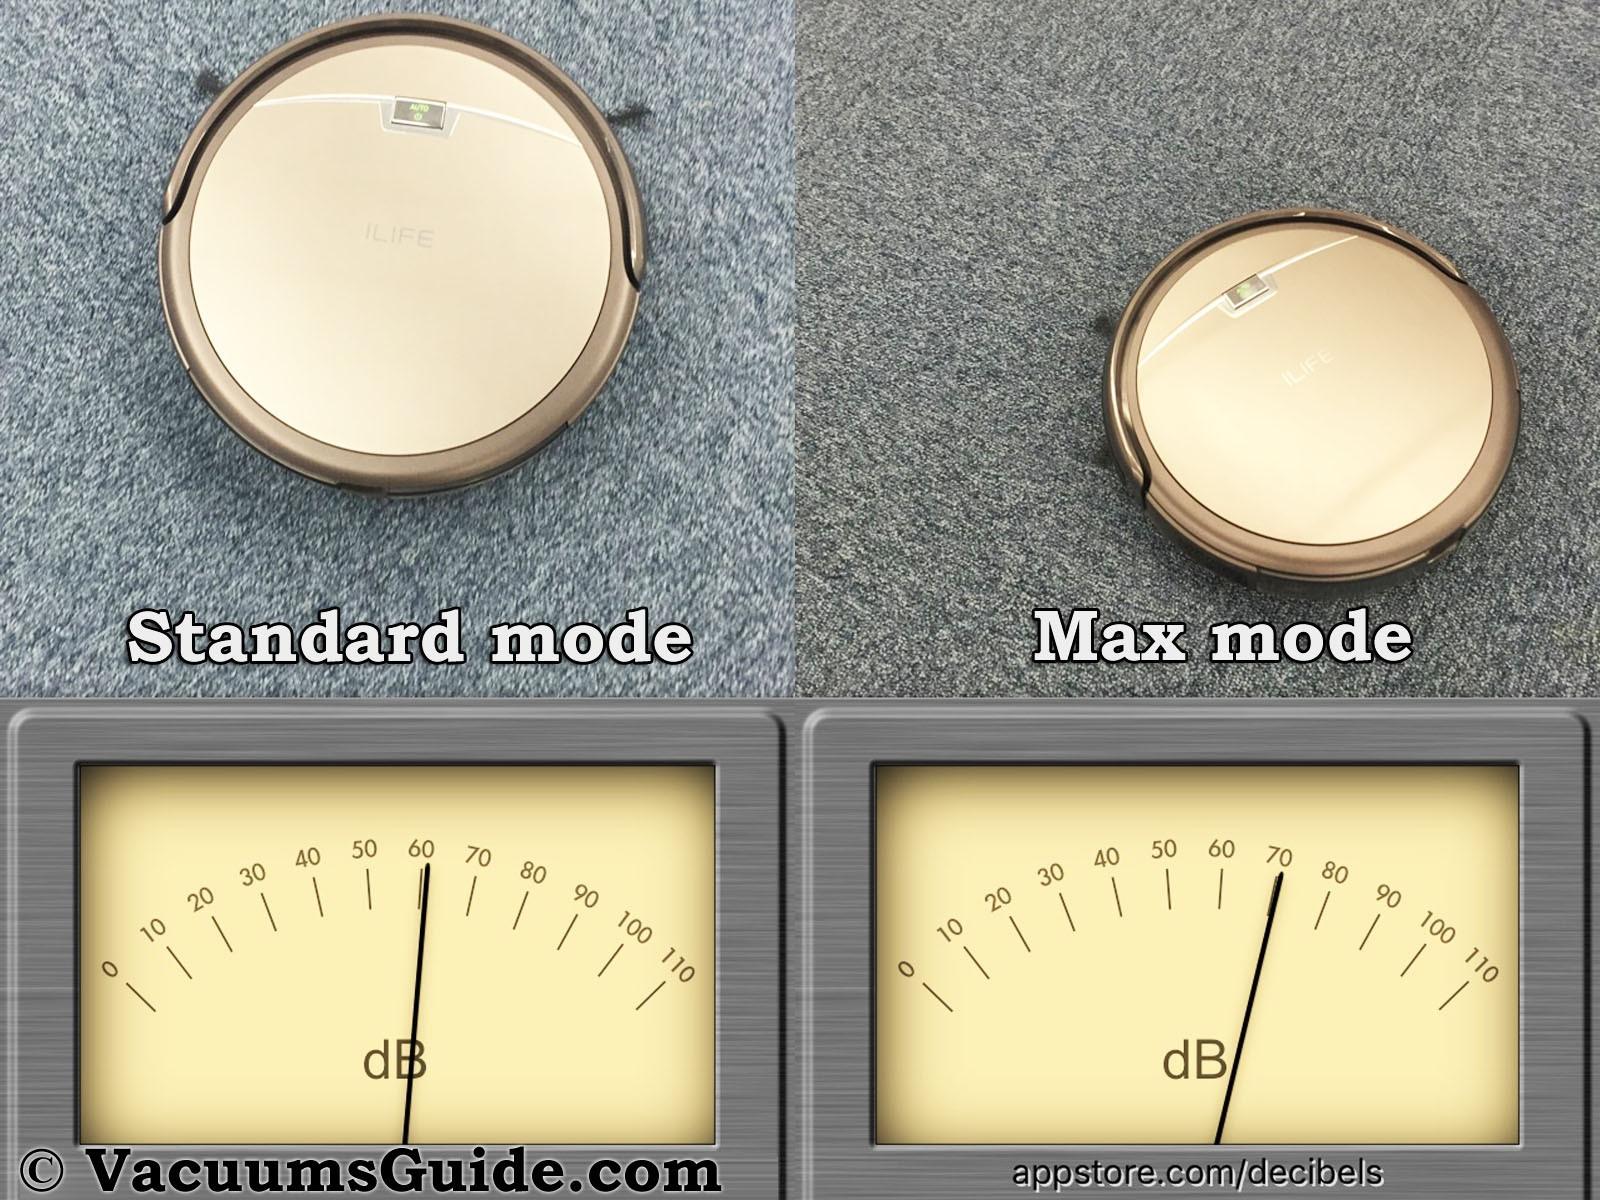 ilife-a4-noise-test